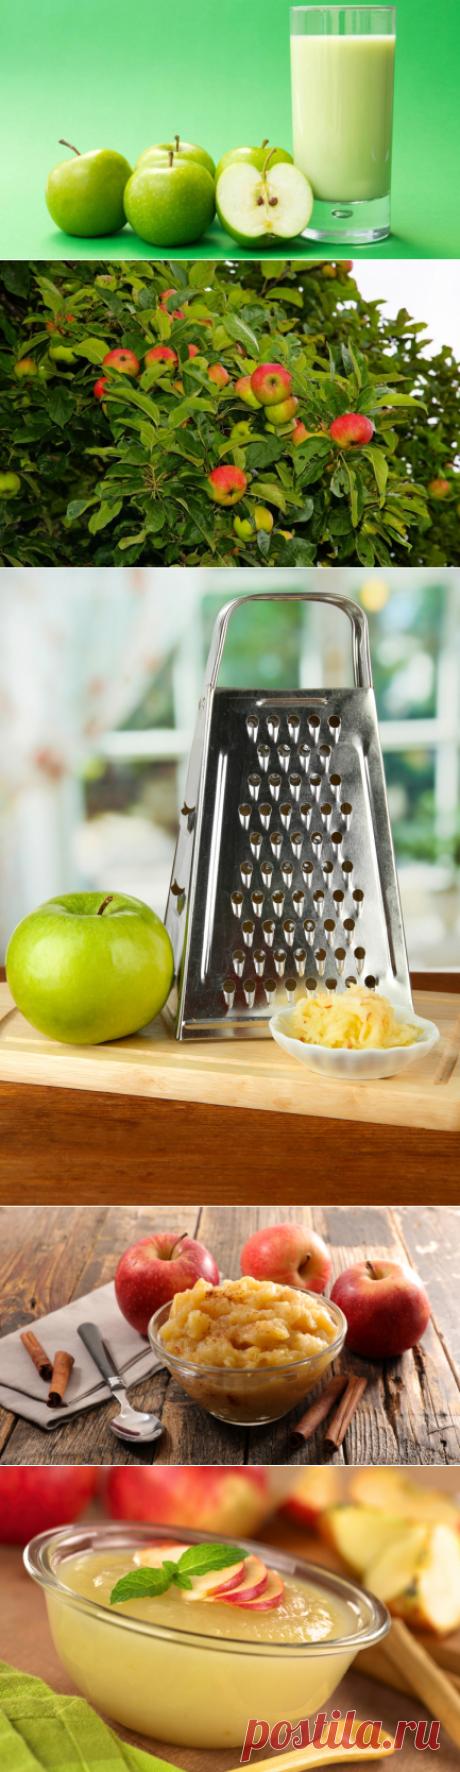 Что приготовить в летнюю жару из яблок? | Еда и кулинария